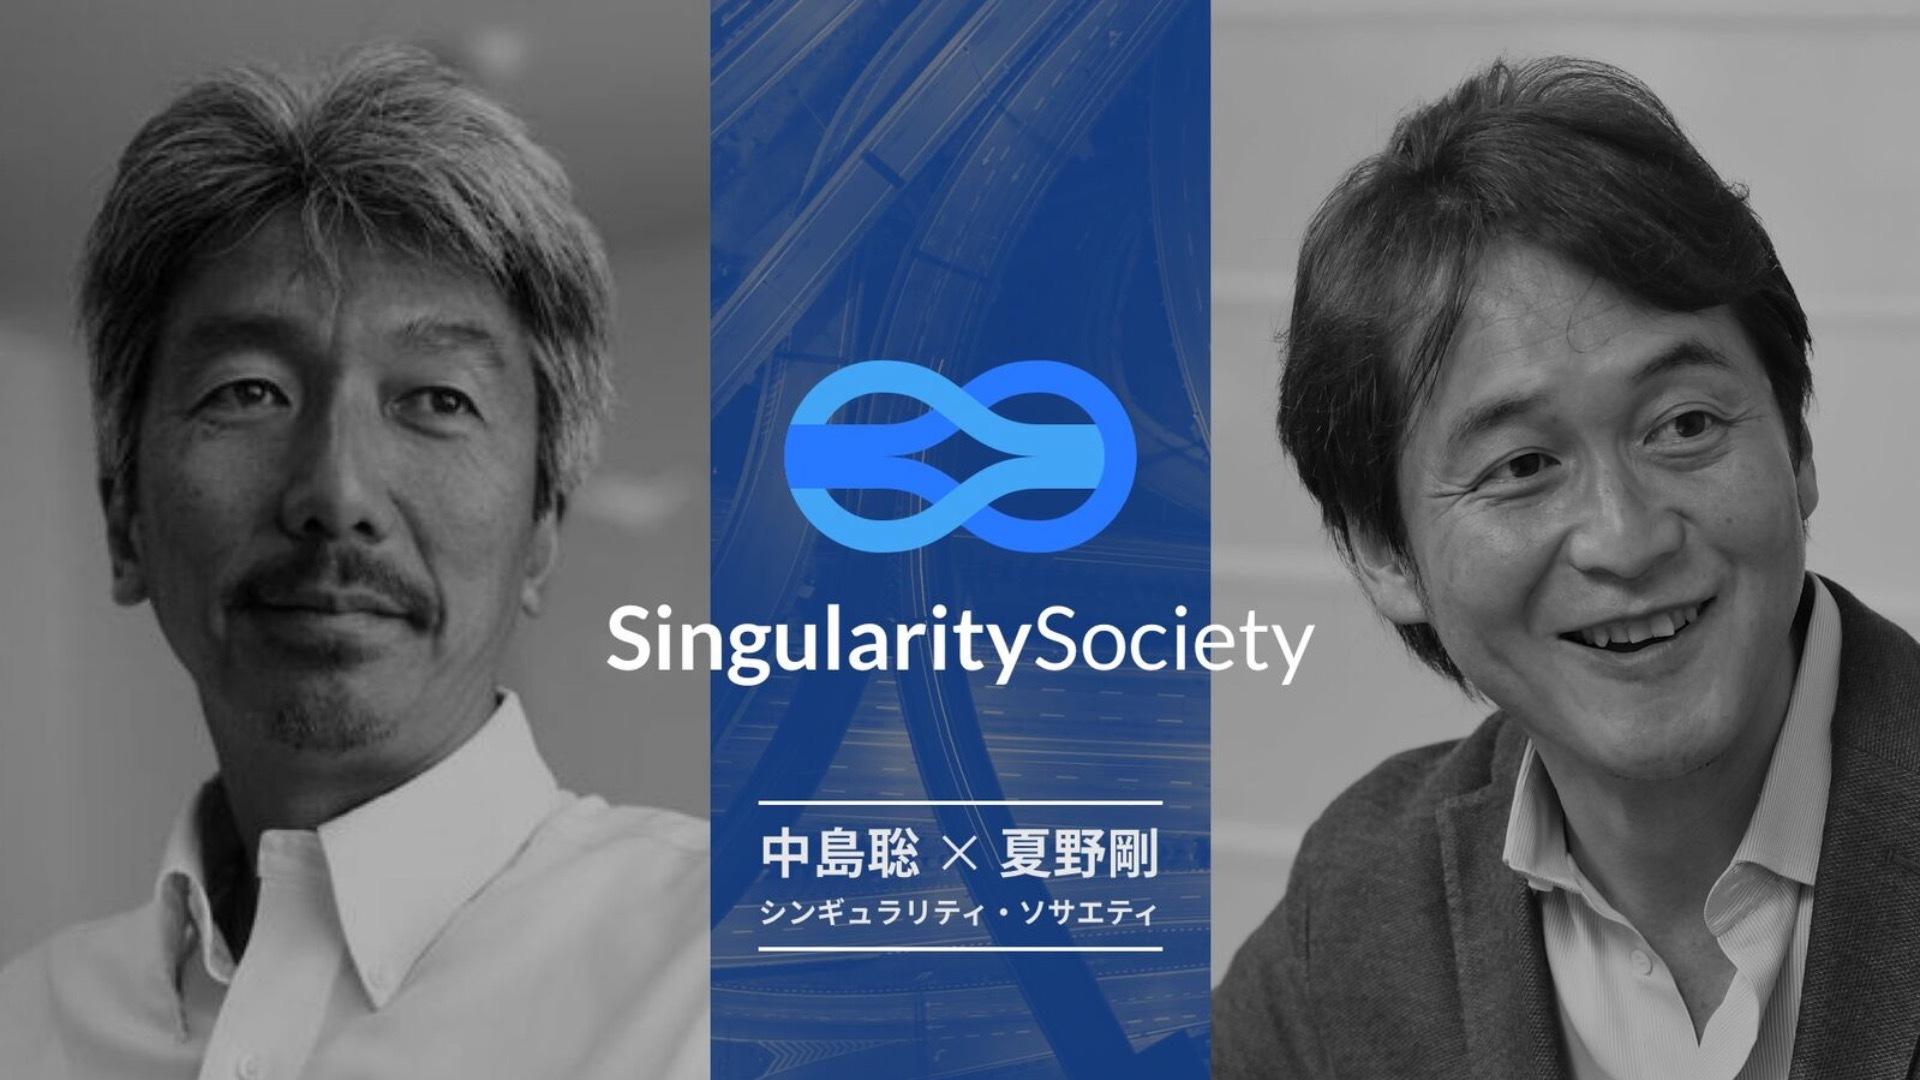 Singularity Society